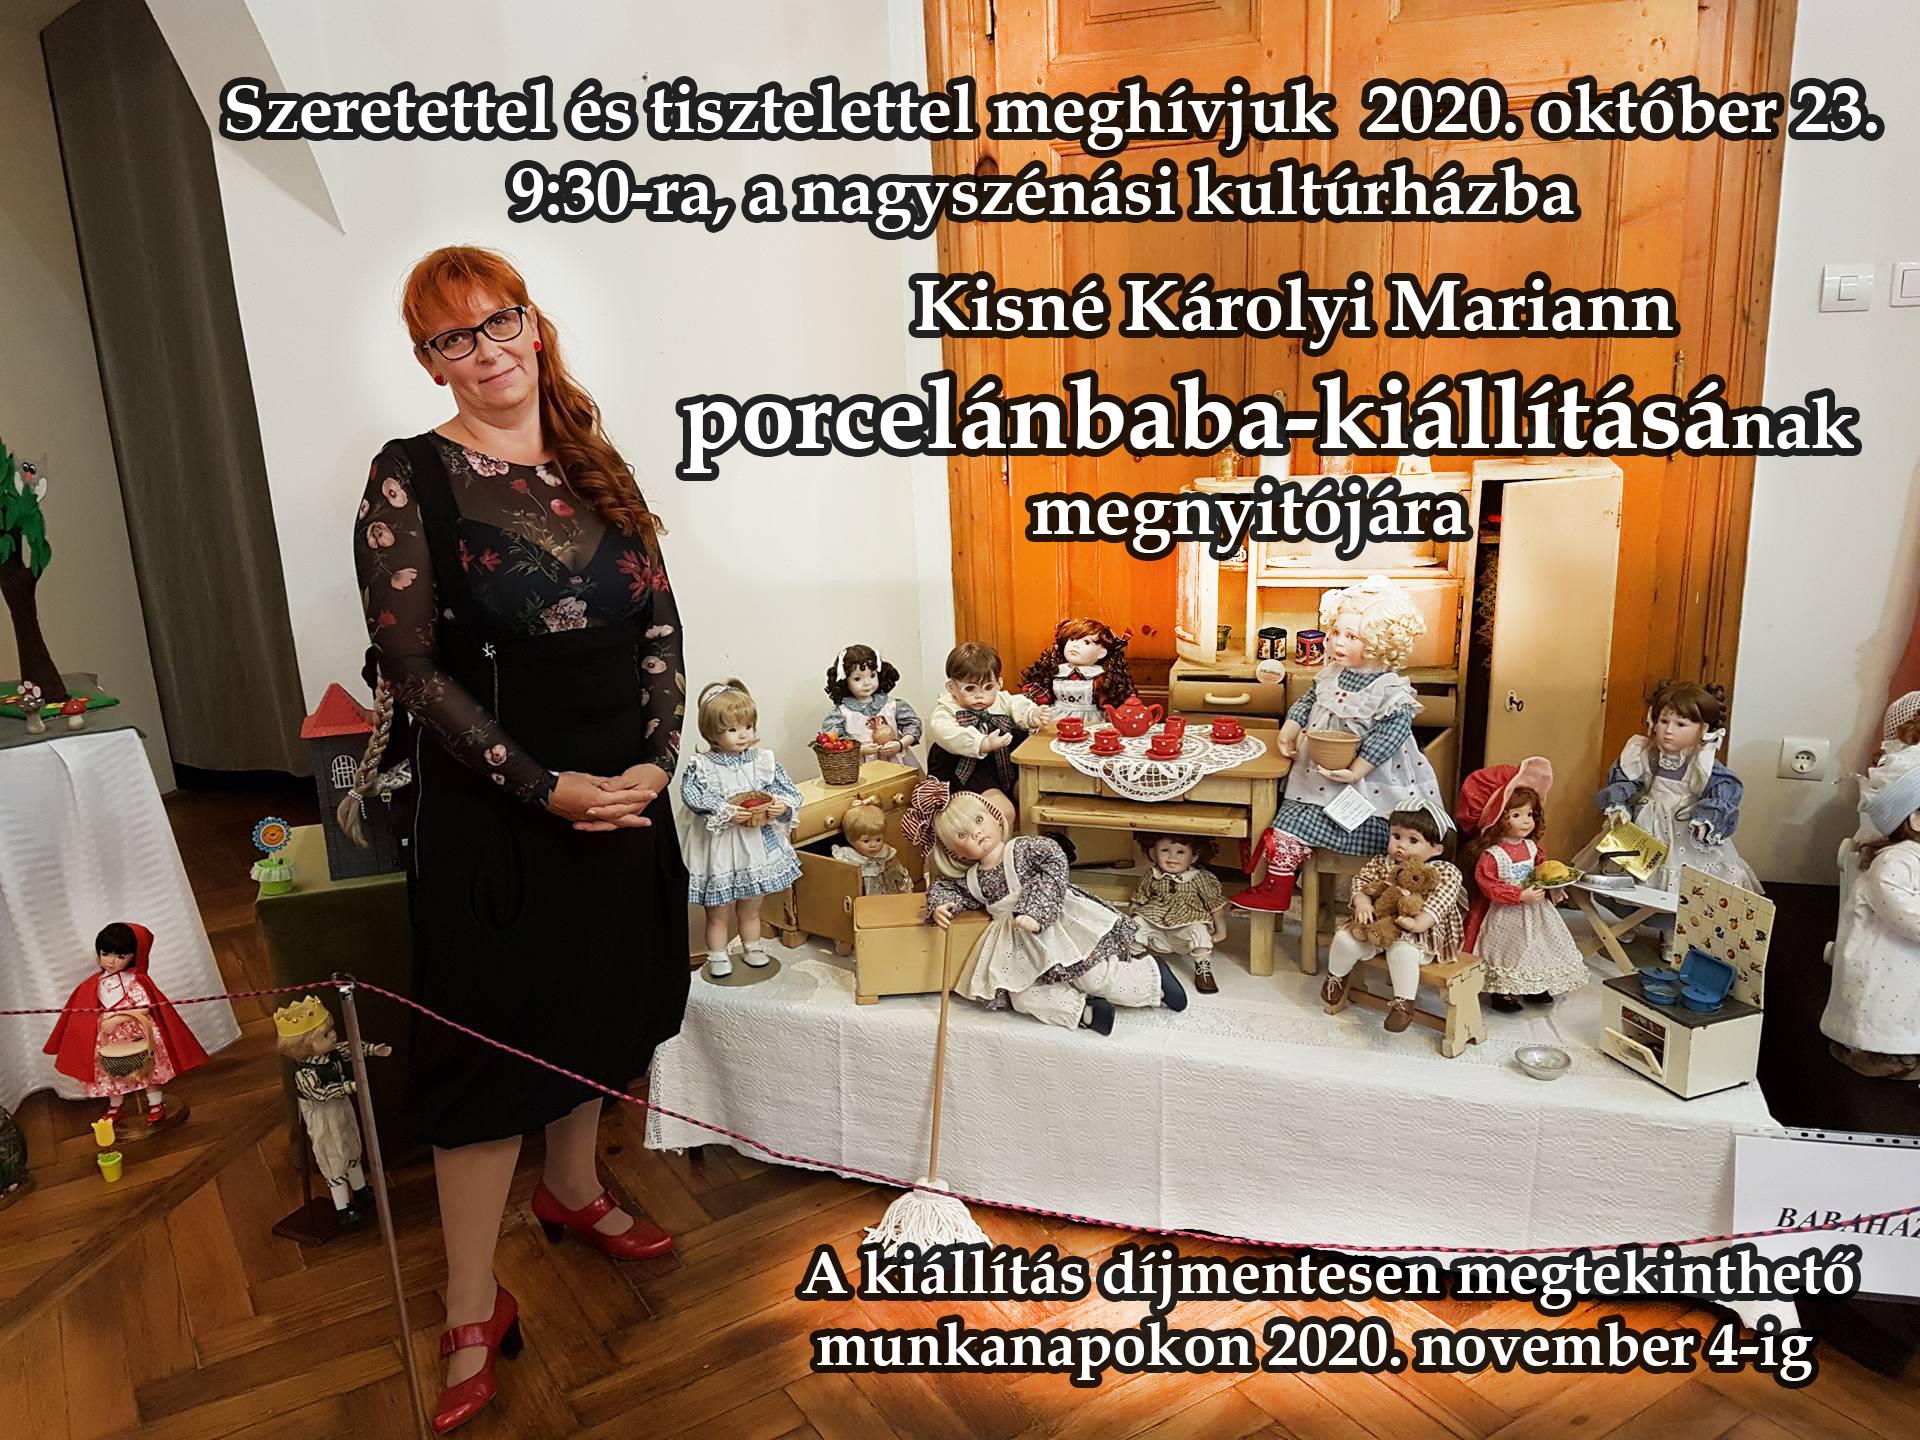 Porcelánbaba-kiállítás